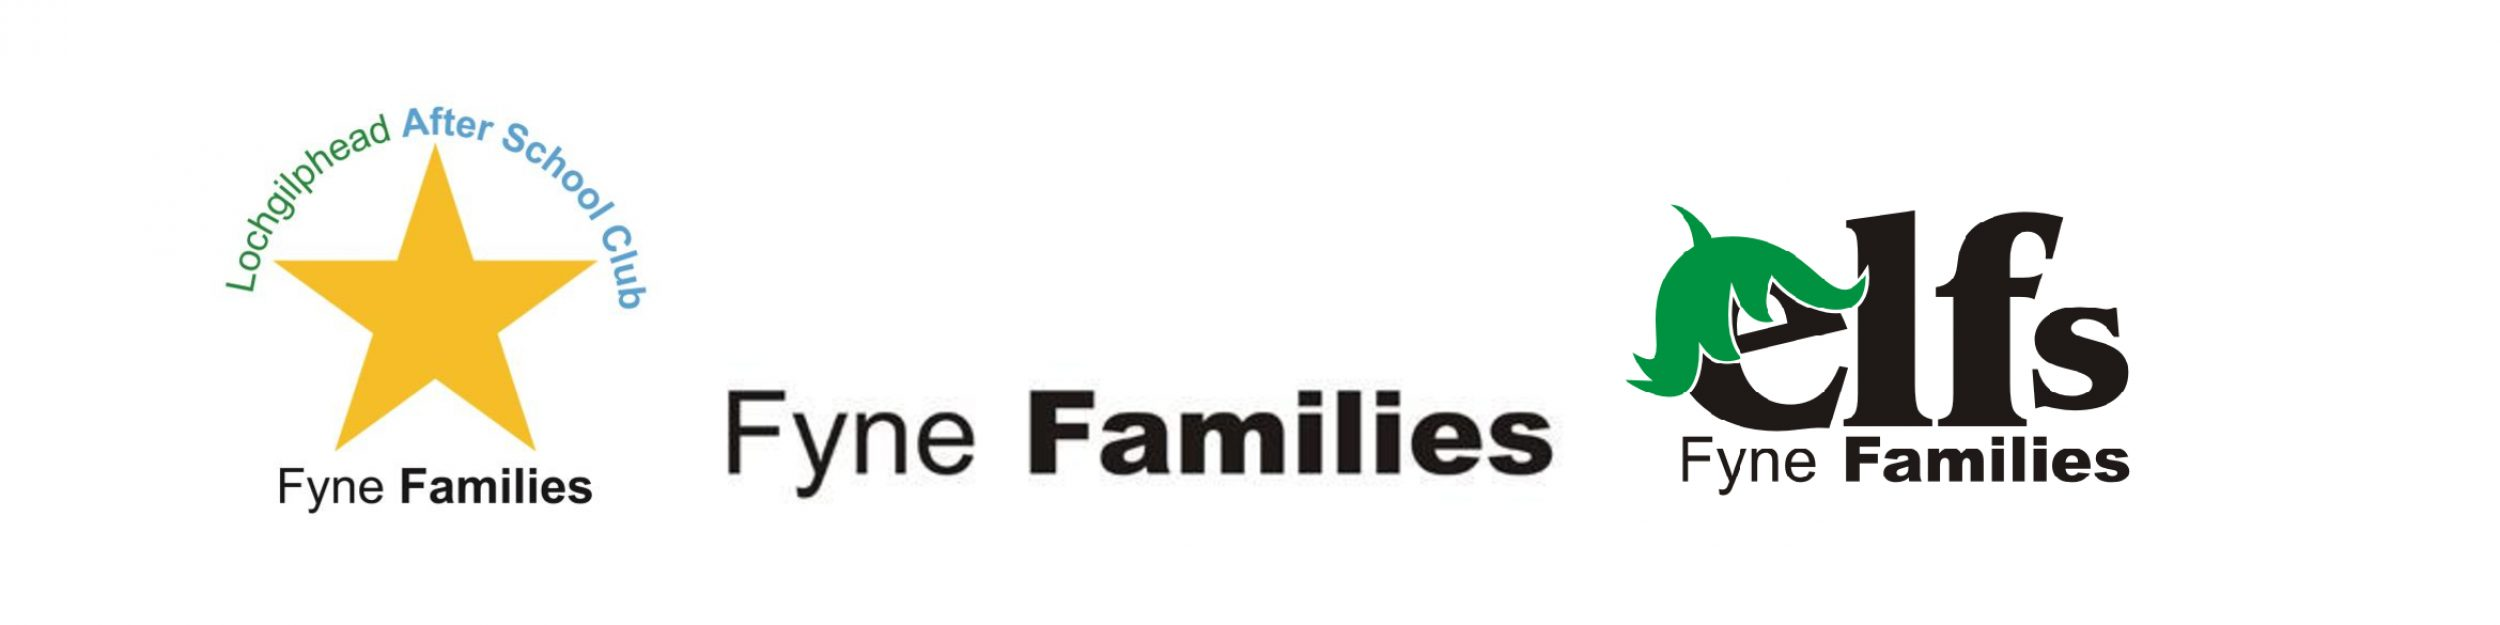 Fyne Families